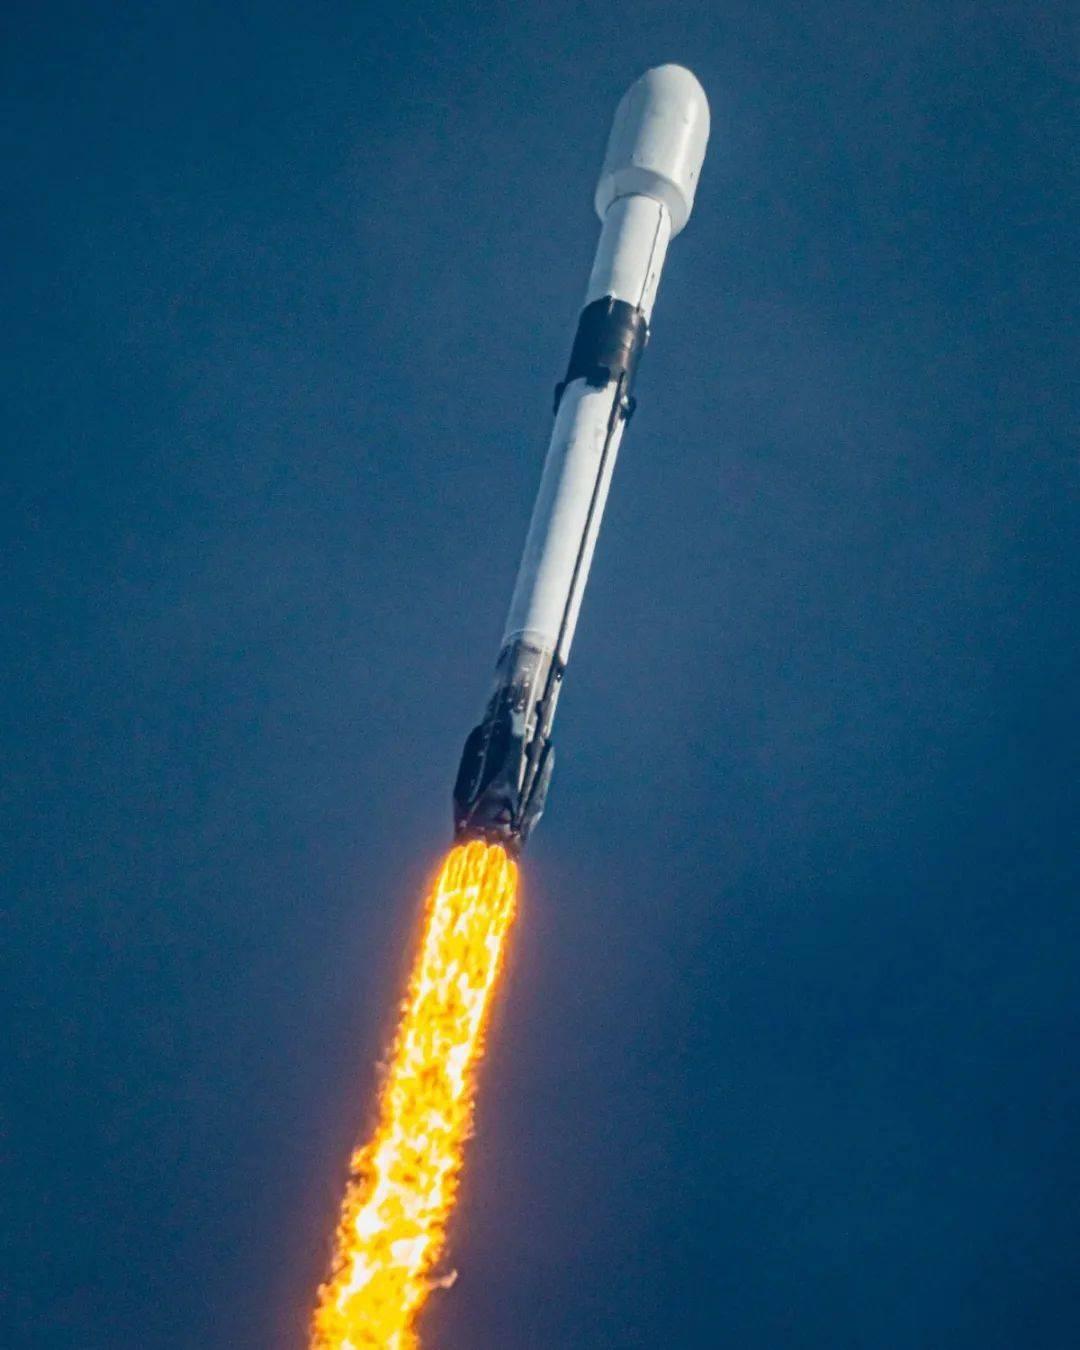 一箭143星SpaceX刷新全球发射之最,占目前在轨卫星总量5%!